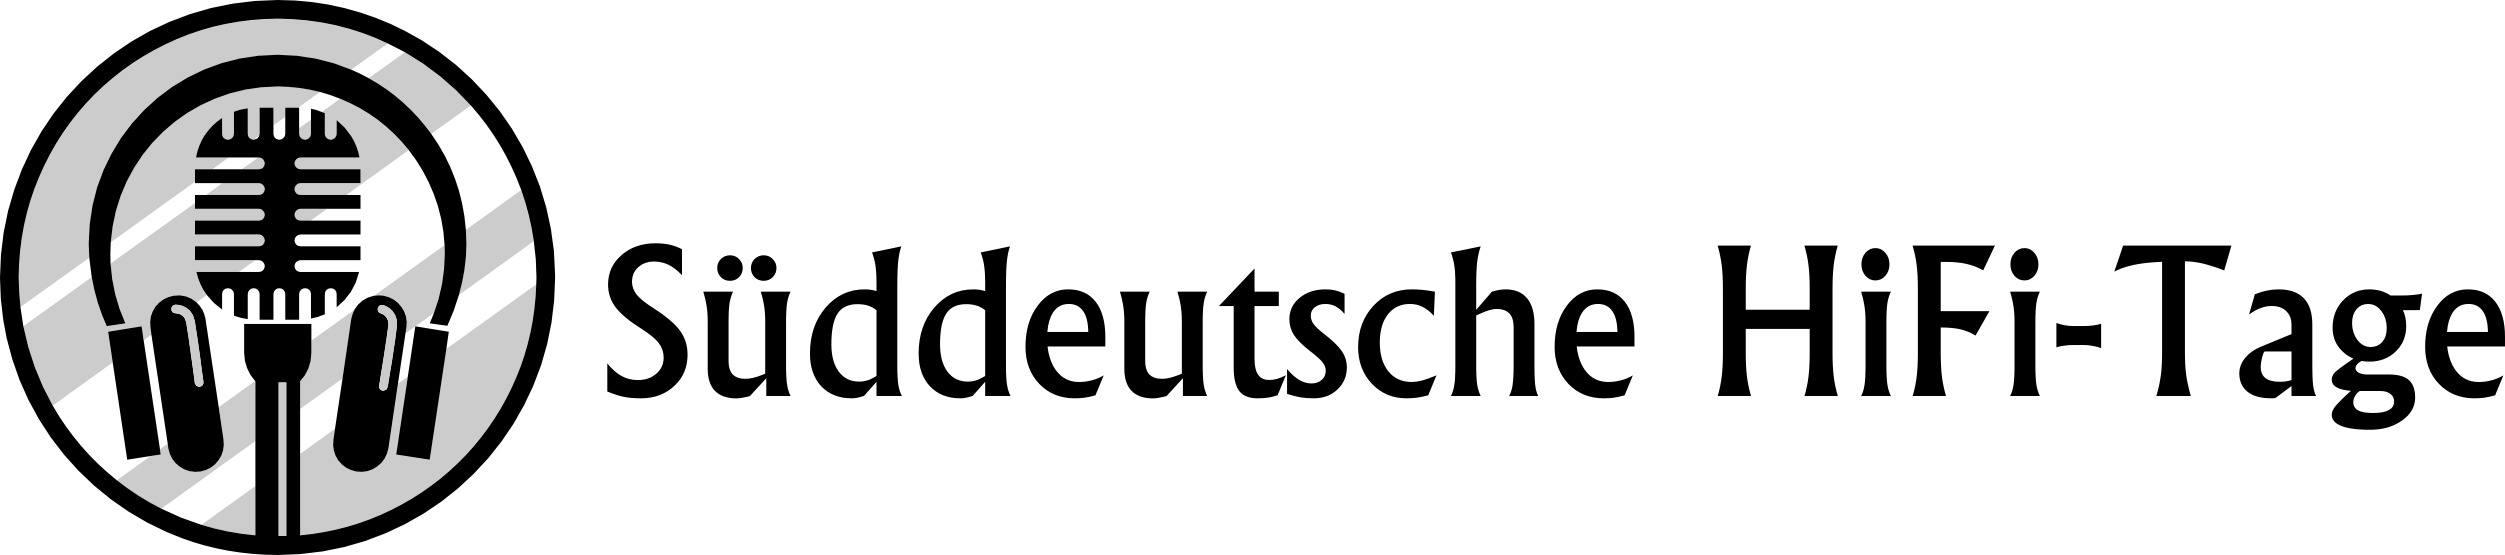 Süddeutsche HiFi-Tage